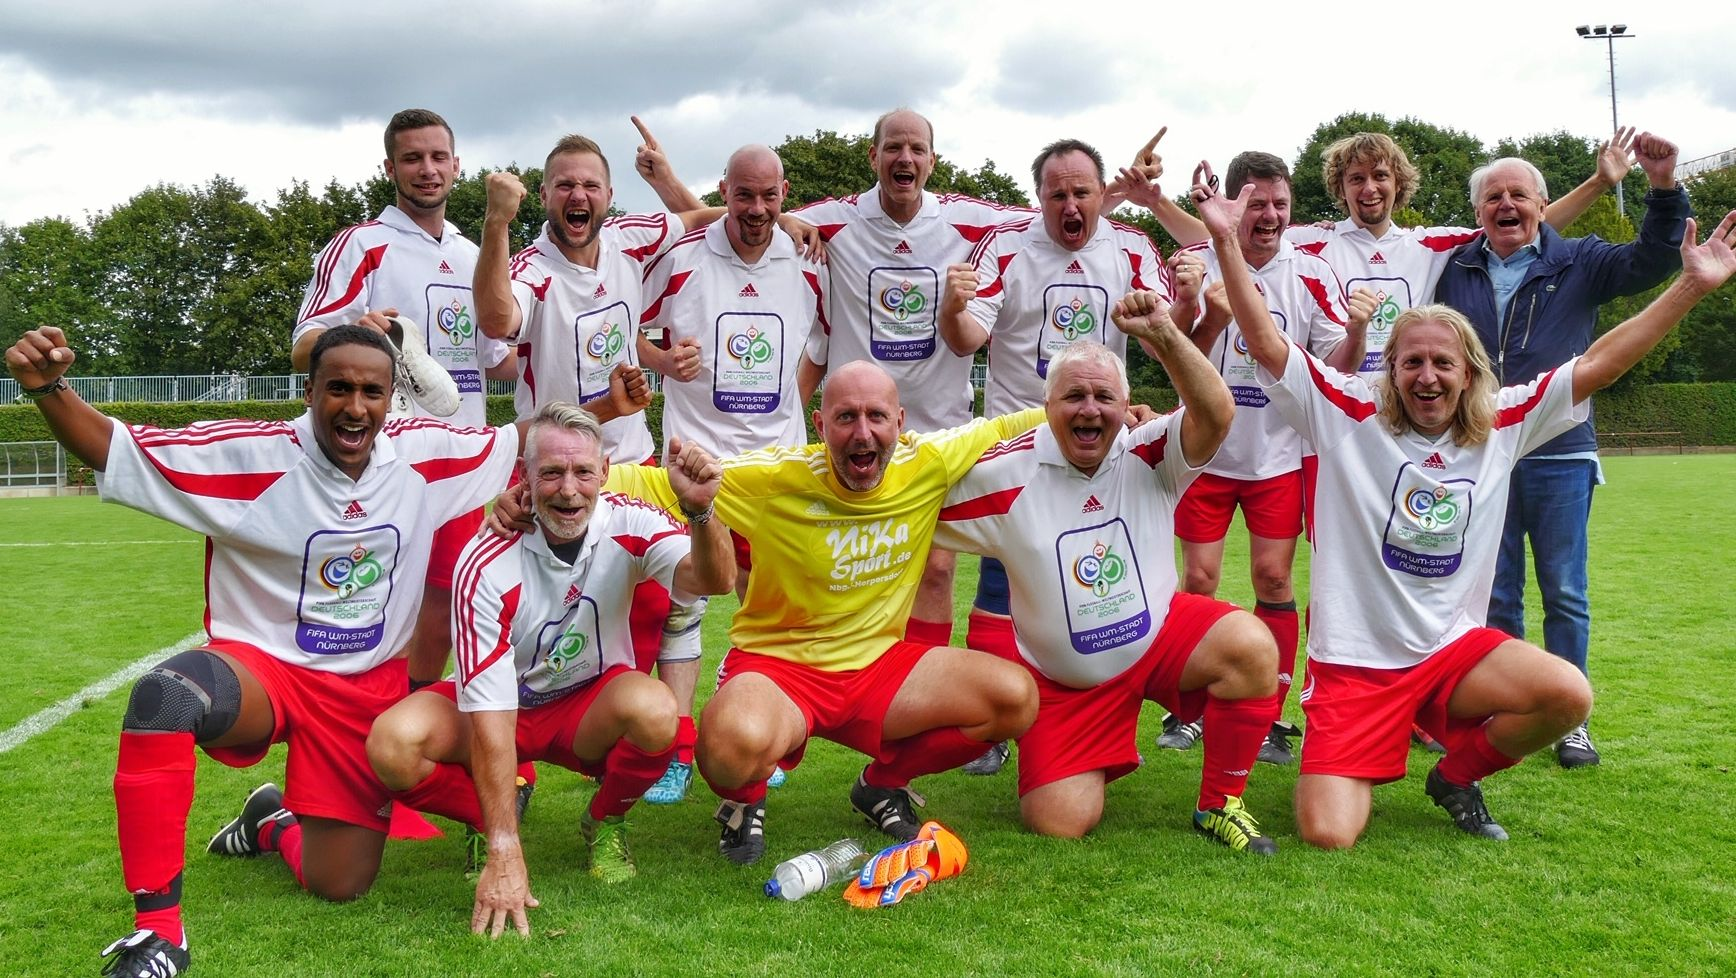 Ausgelassene Freude nach dem Turniersieg: die Nürnberger Stadtratsfußballmannschaft mit Spielführer Gerald Raschke (untere Reihe, zweiter von rechts)